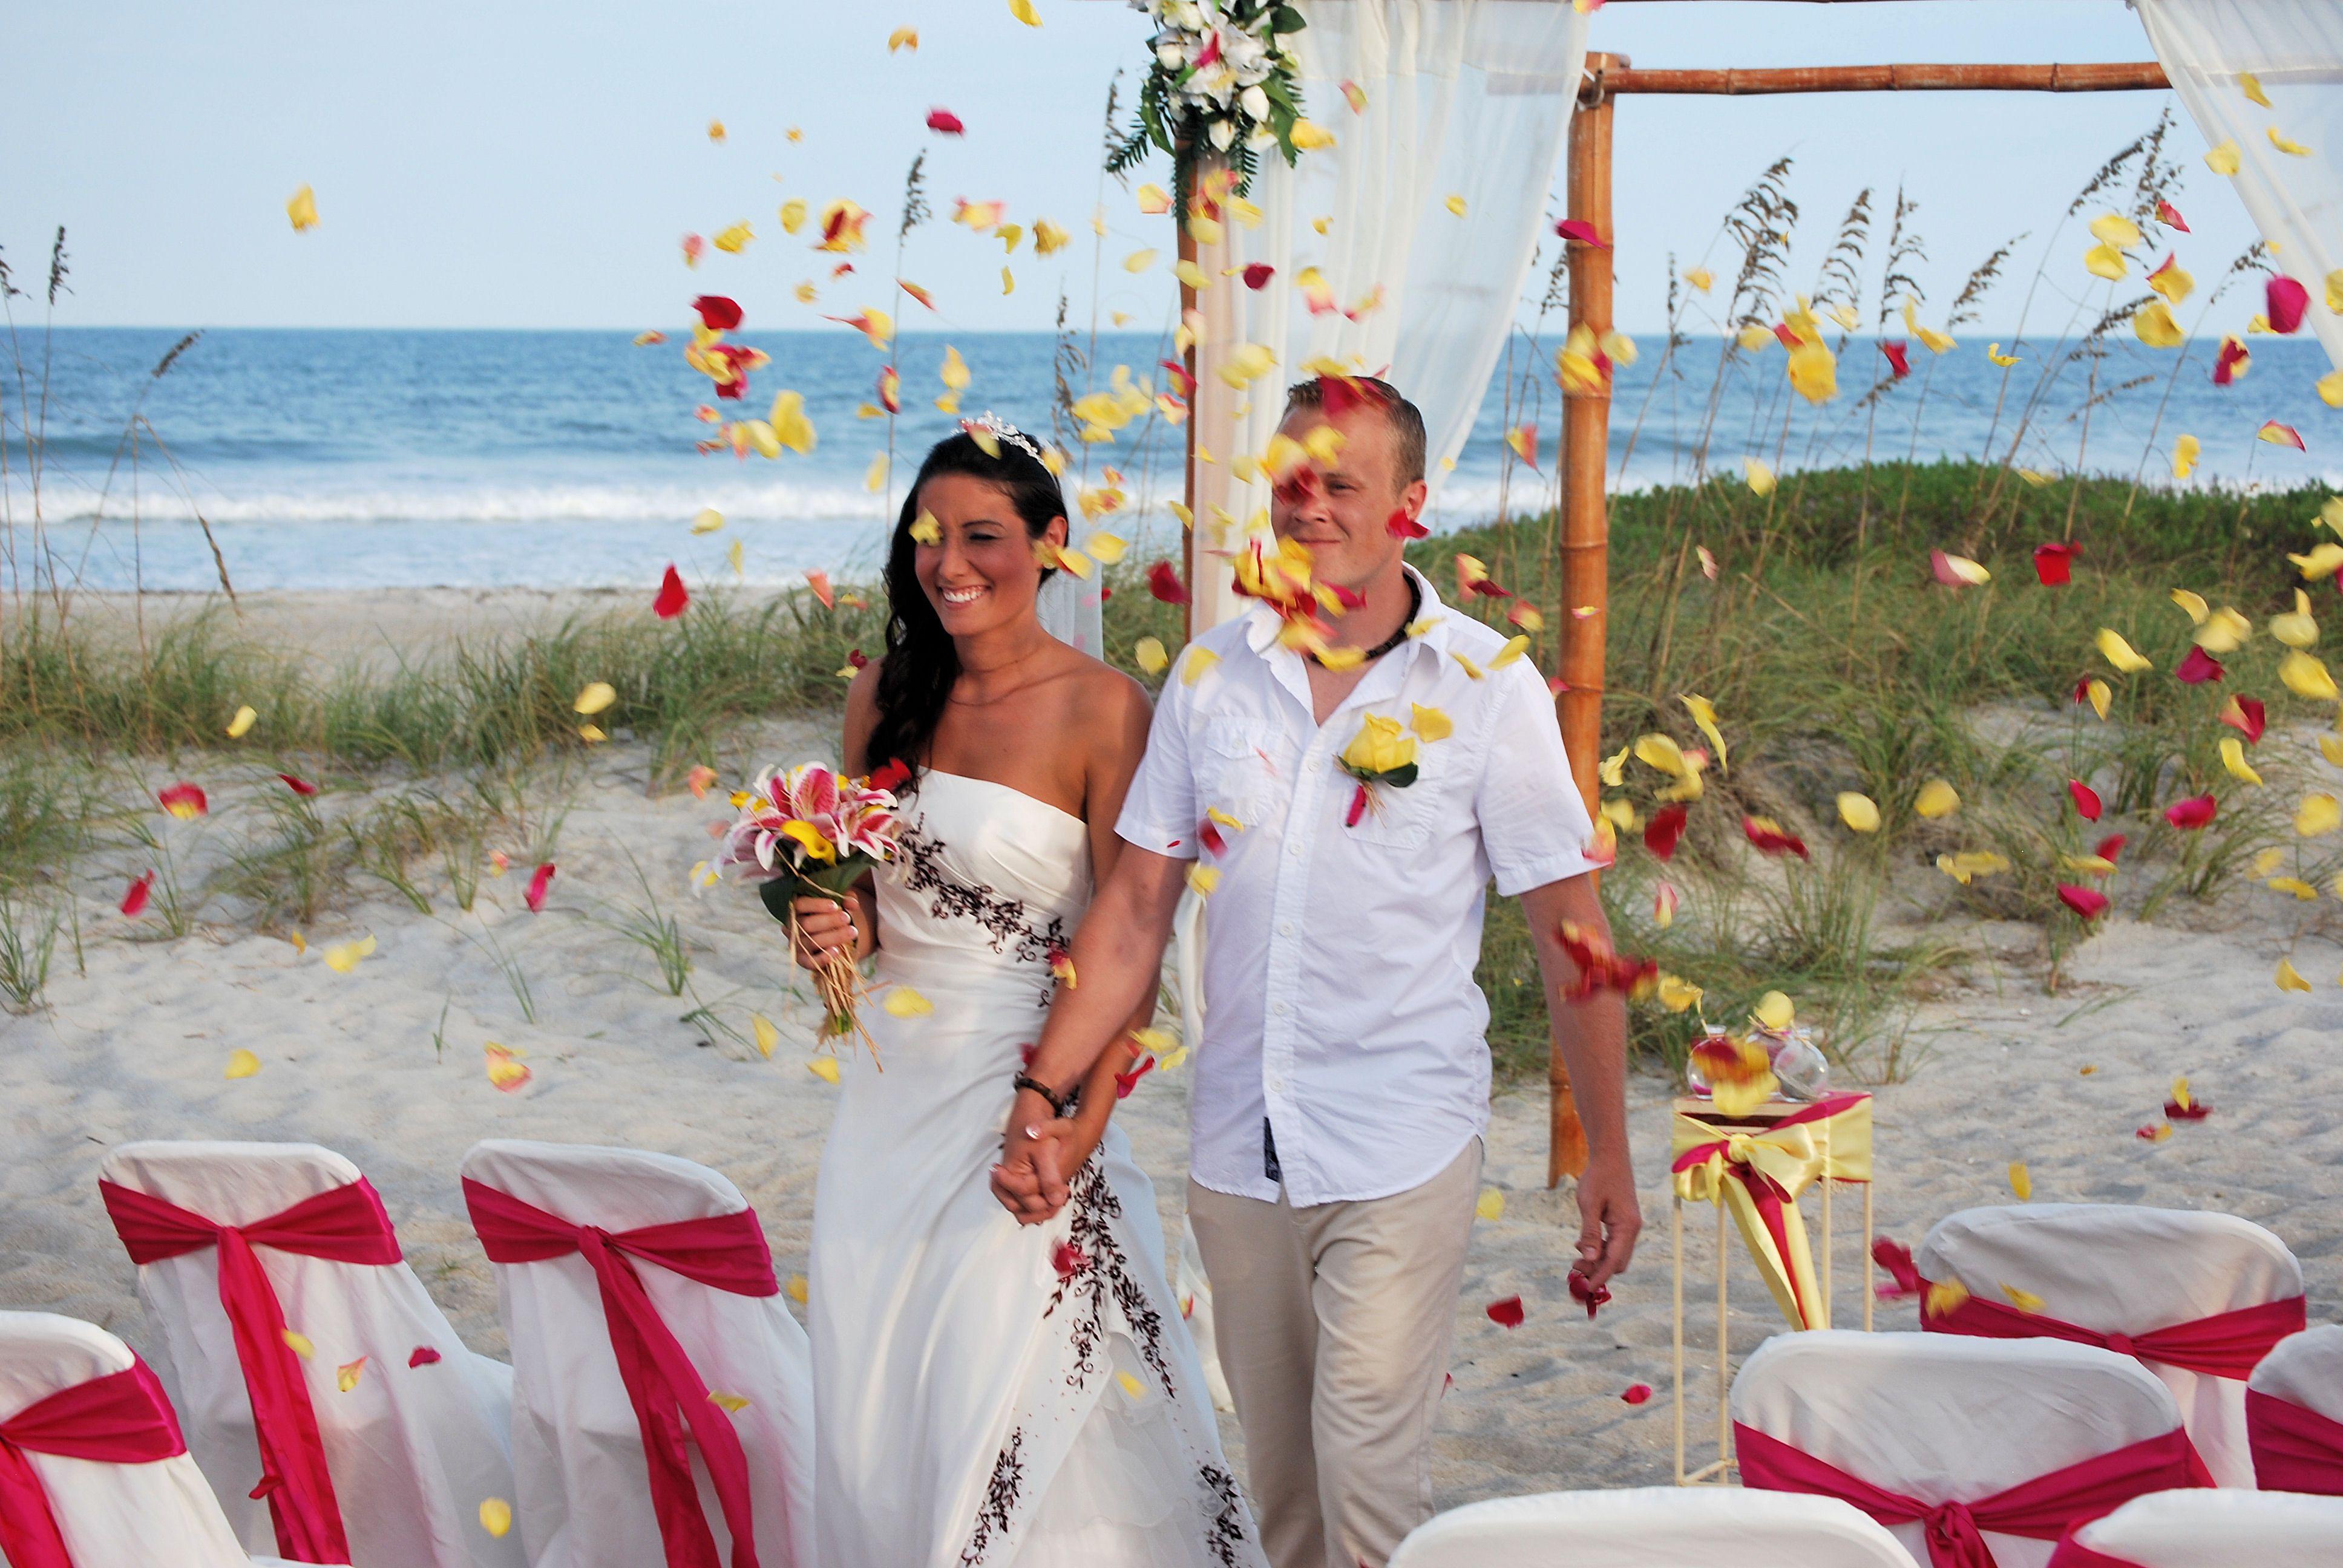 Florida Beach Wedding, tossing flower petals. www